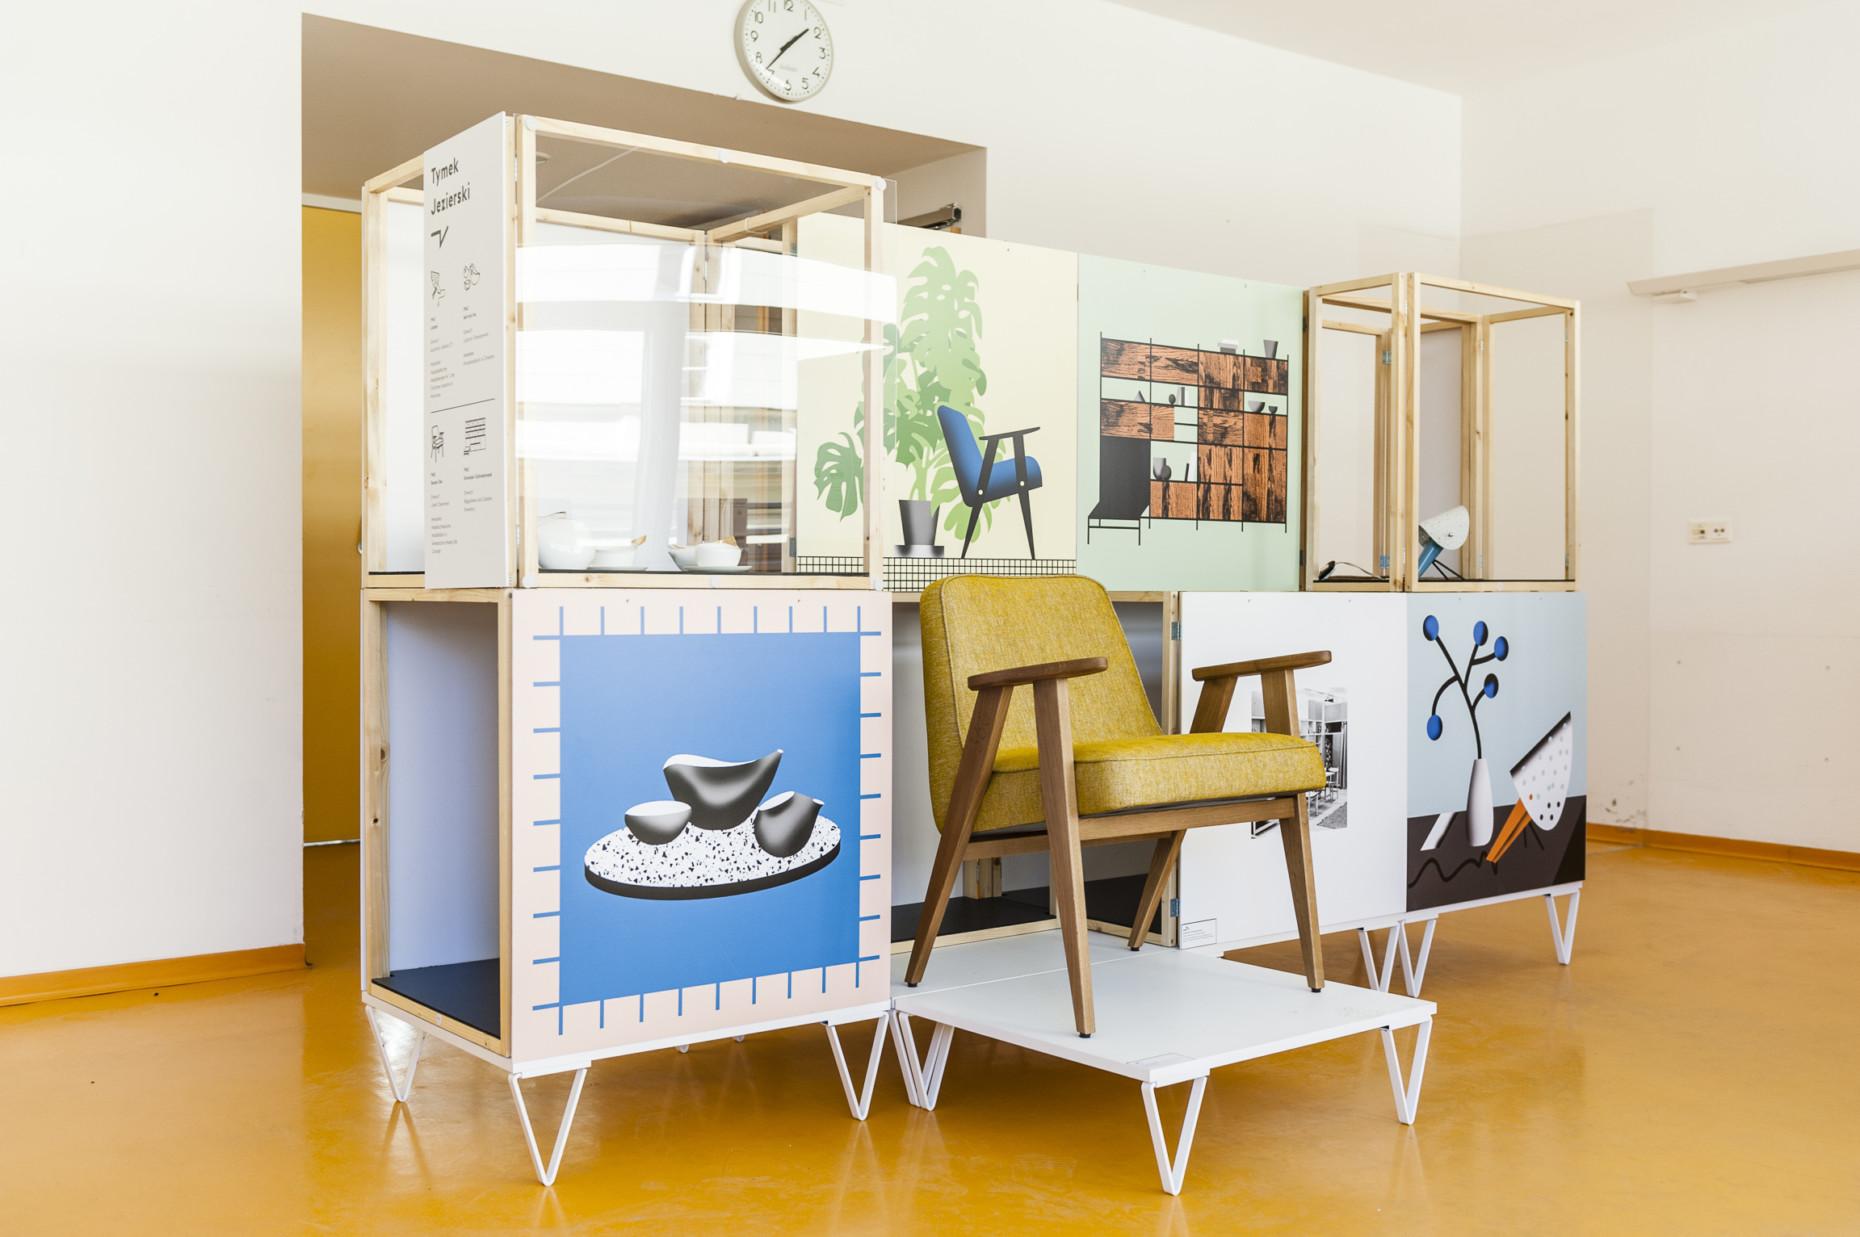 Vienna Design Week, Neubau, Polen